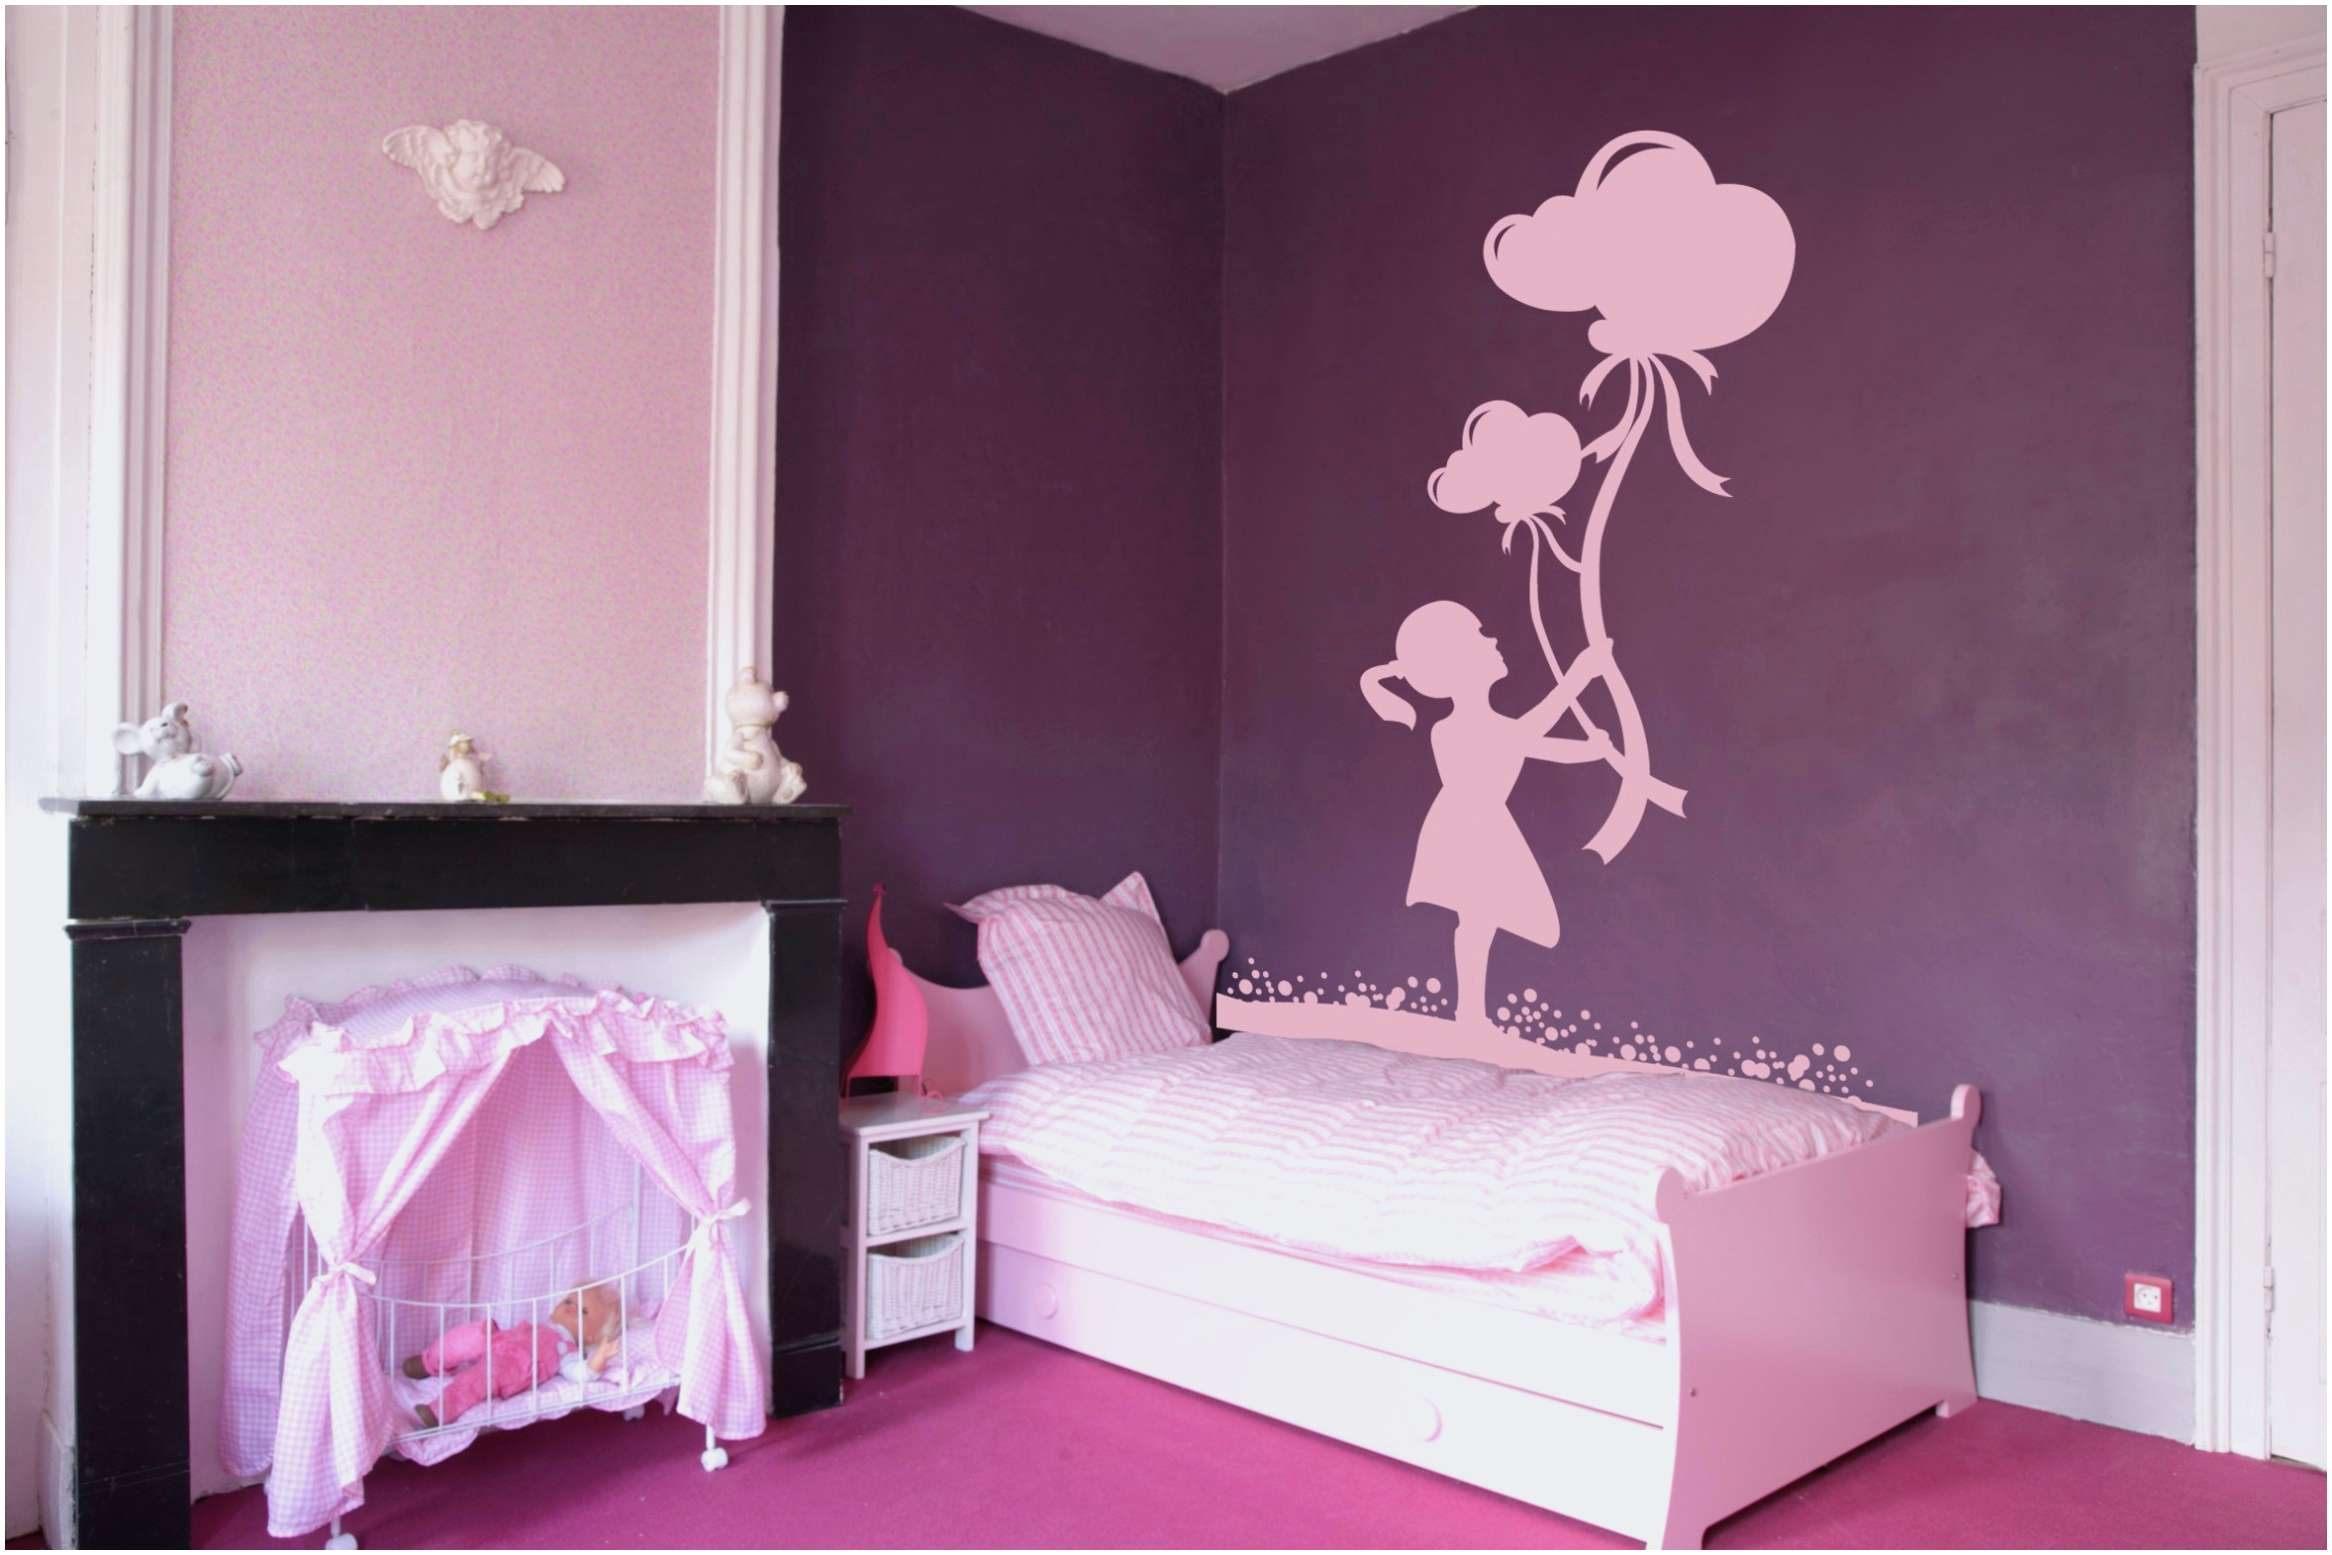 Lit Bébé Naissance Inspiré Unique Chambre Bébé Fille Gris Et Rose Beau Parc B C3 A9b C3 A9 Gris